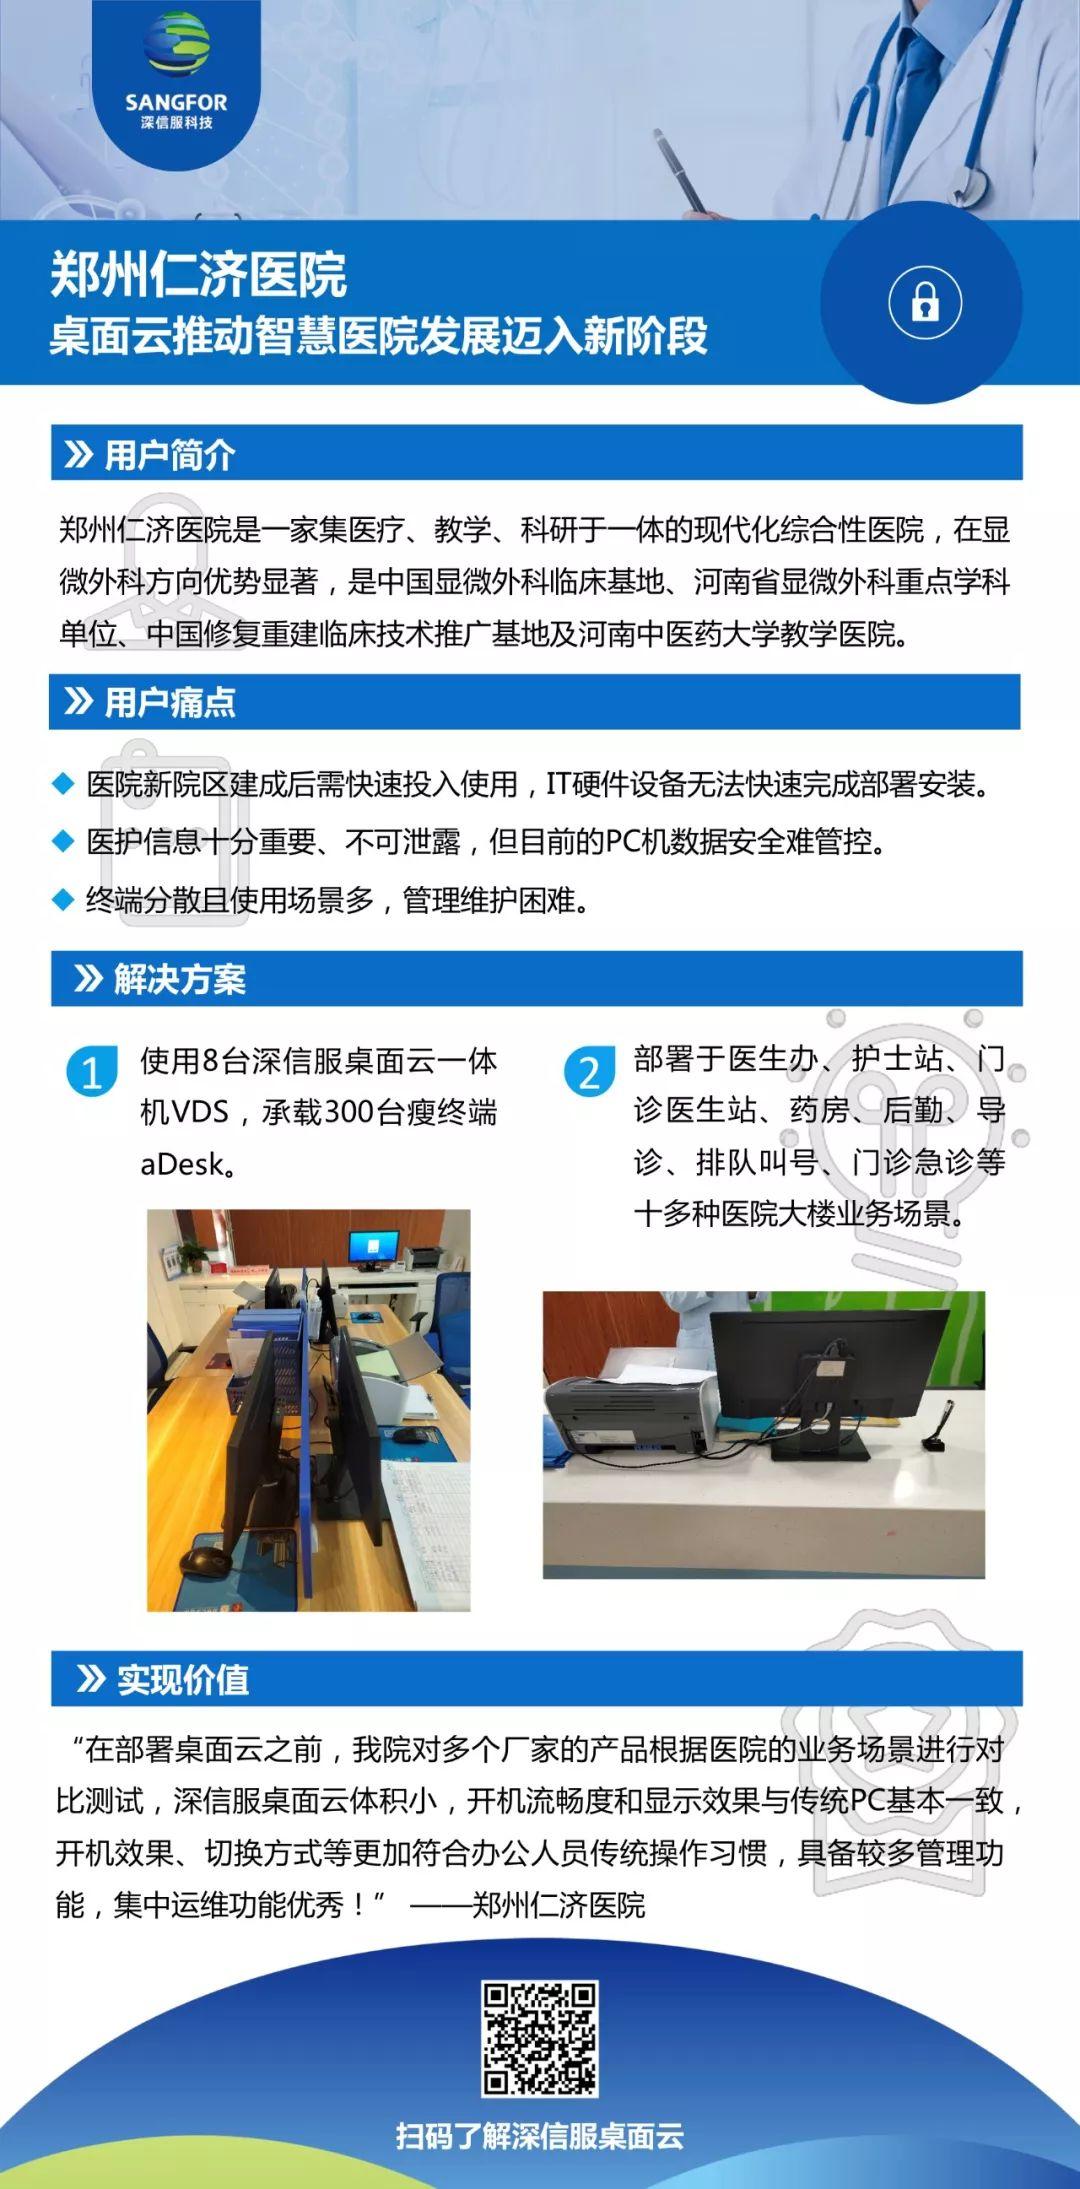 「郑州仁济医院」深信服桌面云推动智慧医院发展迈入新阶段